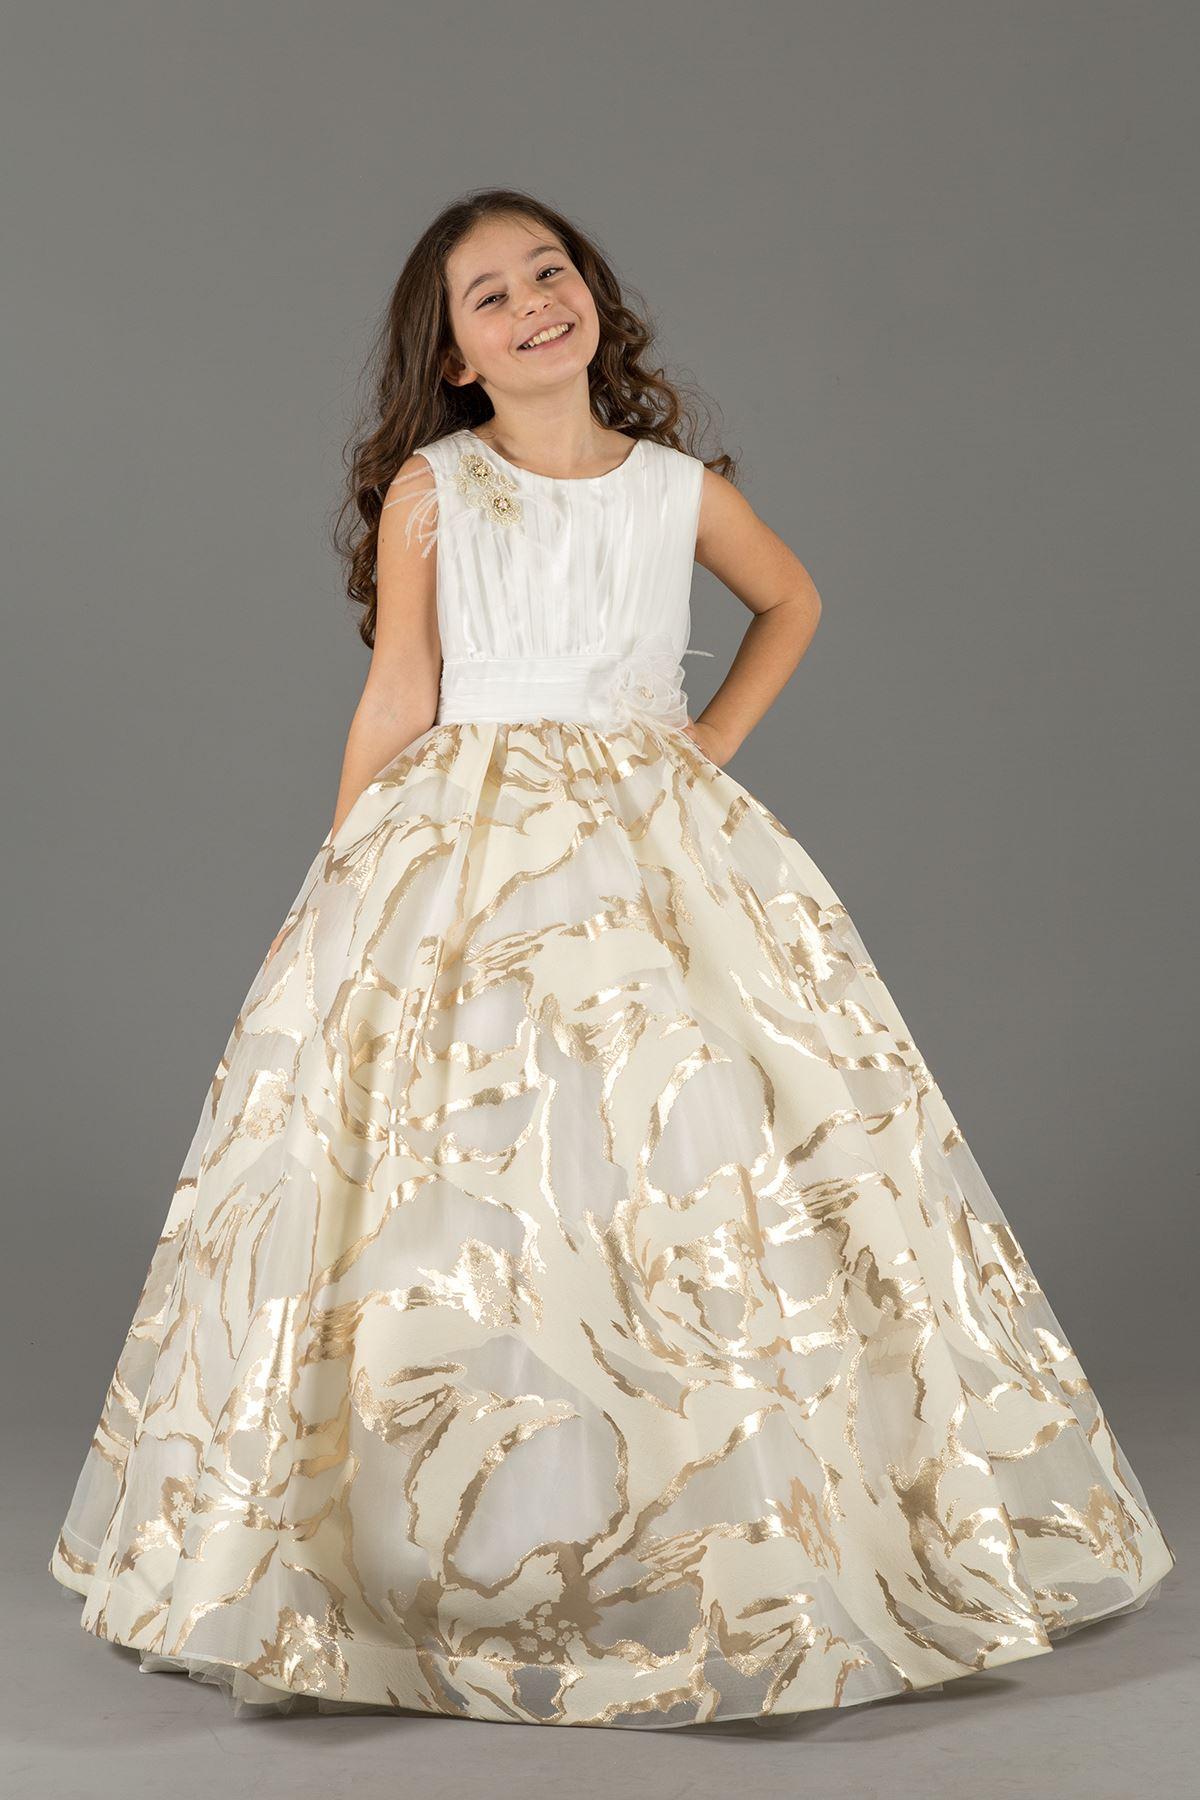 Égő digitális nyomtatási anyag részlet, bolyhos lány estélyi ruha 590 arany